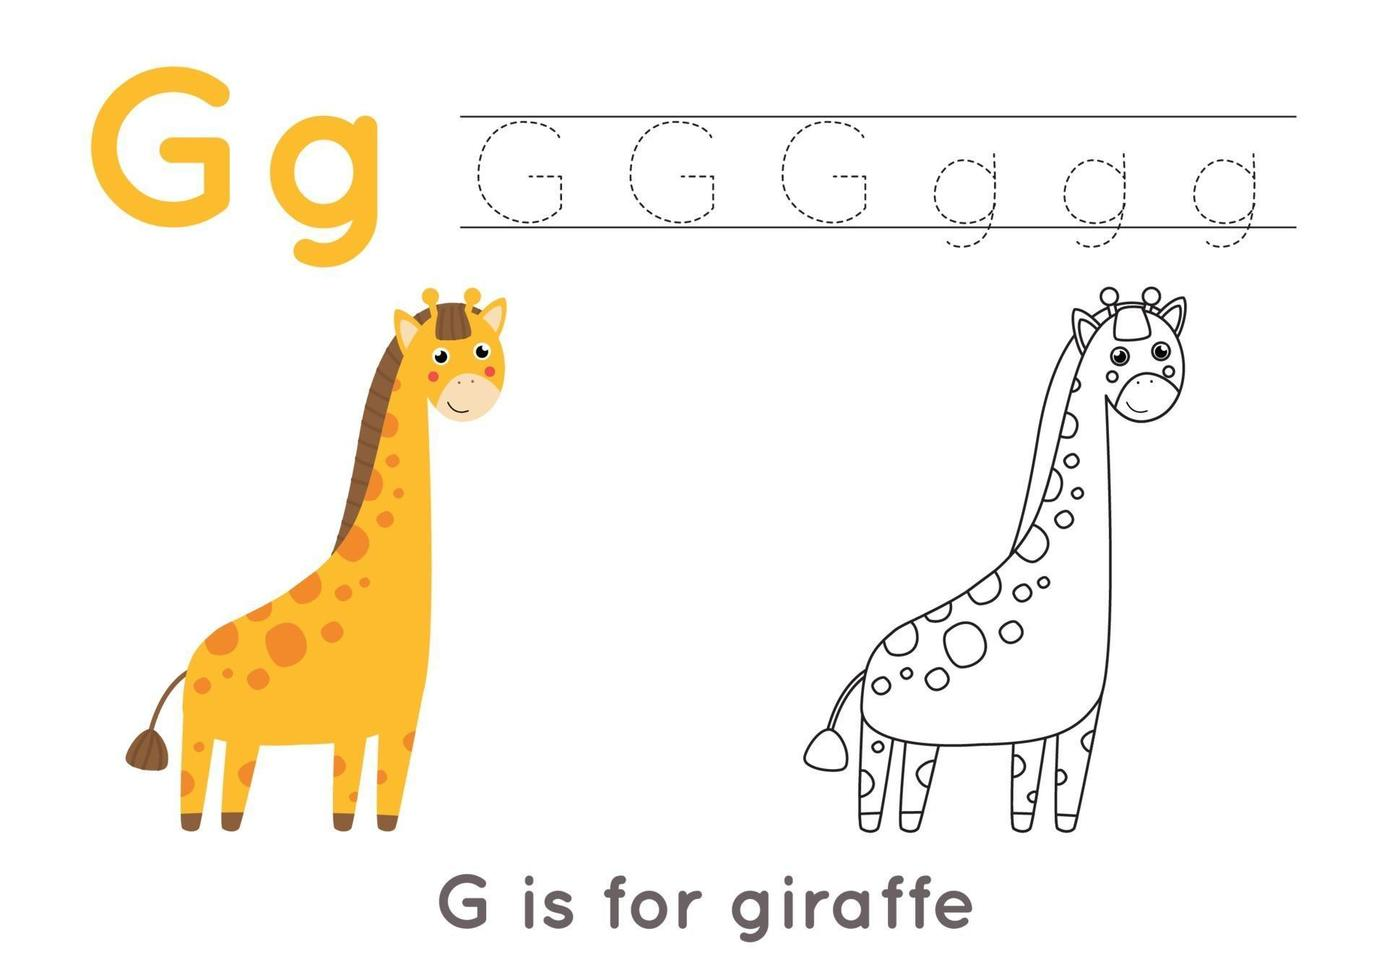 pagina da colorare con la lettera g e giraffa simpatico cartone animato. vettore